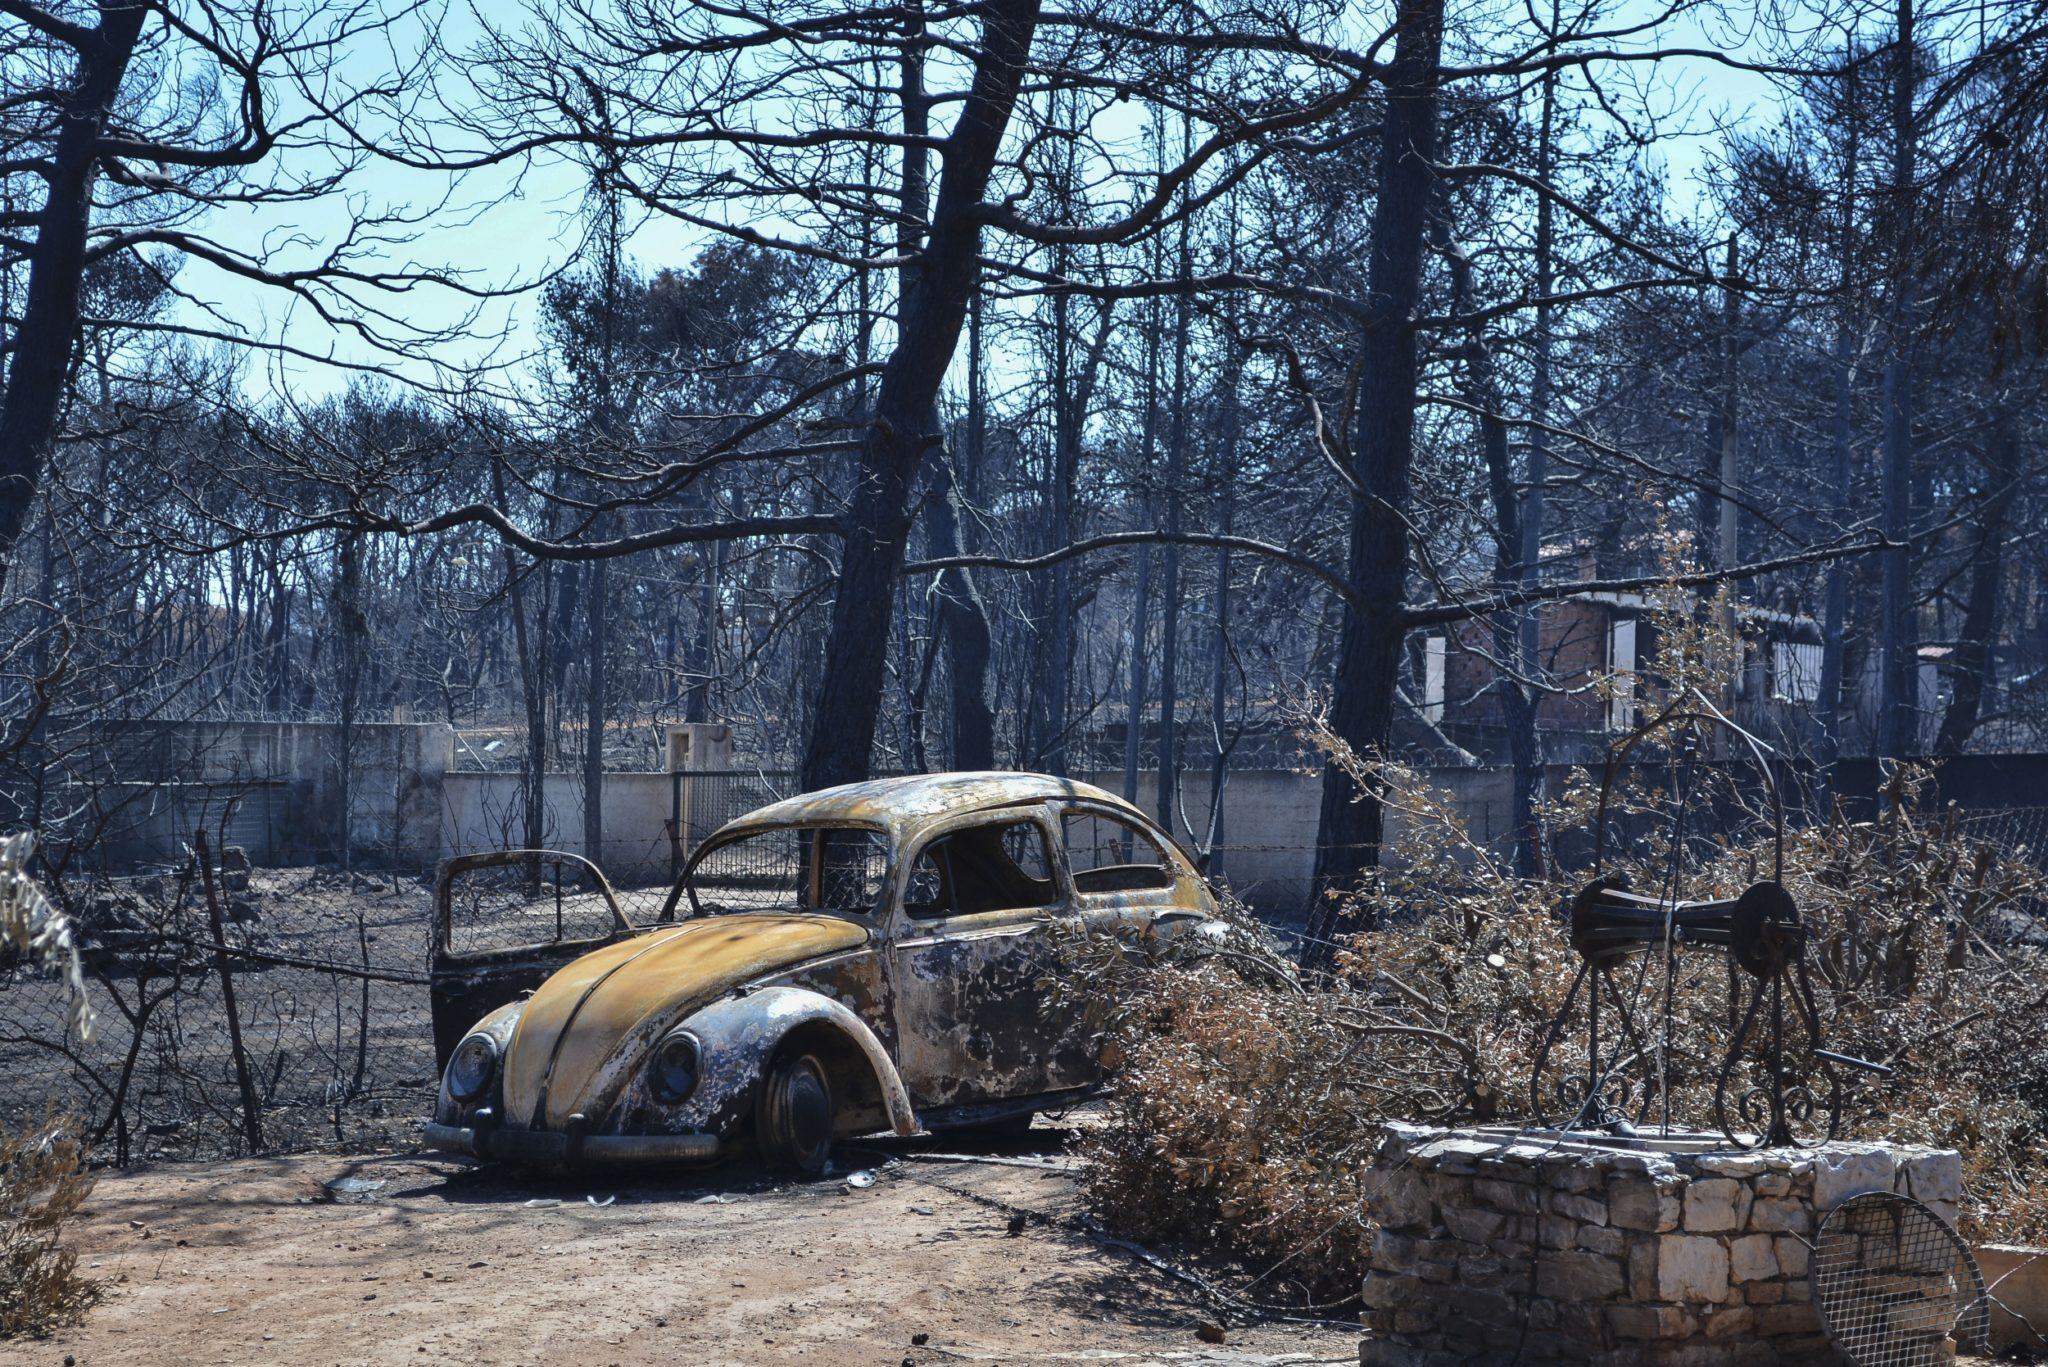 13bf8c63b4 Μάτι  Τοξική «βόμβα» το περιβάλλον μετά τη φονική πυρκαγιά